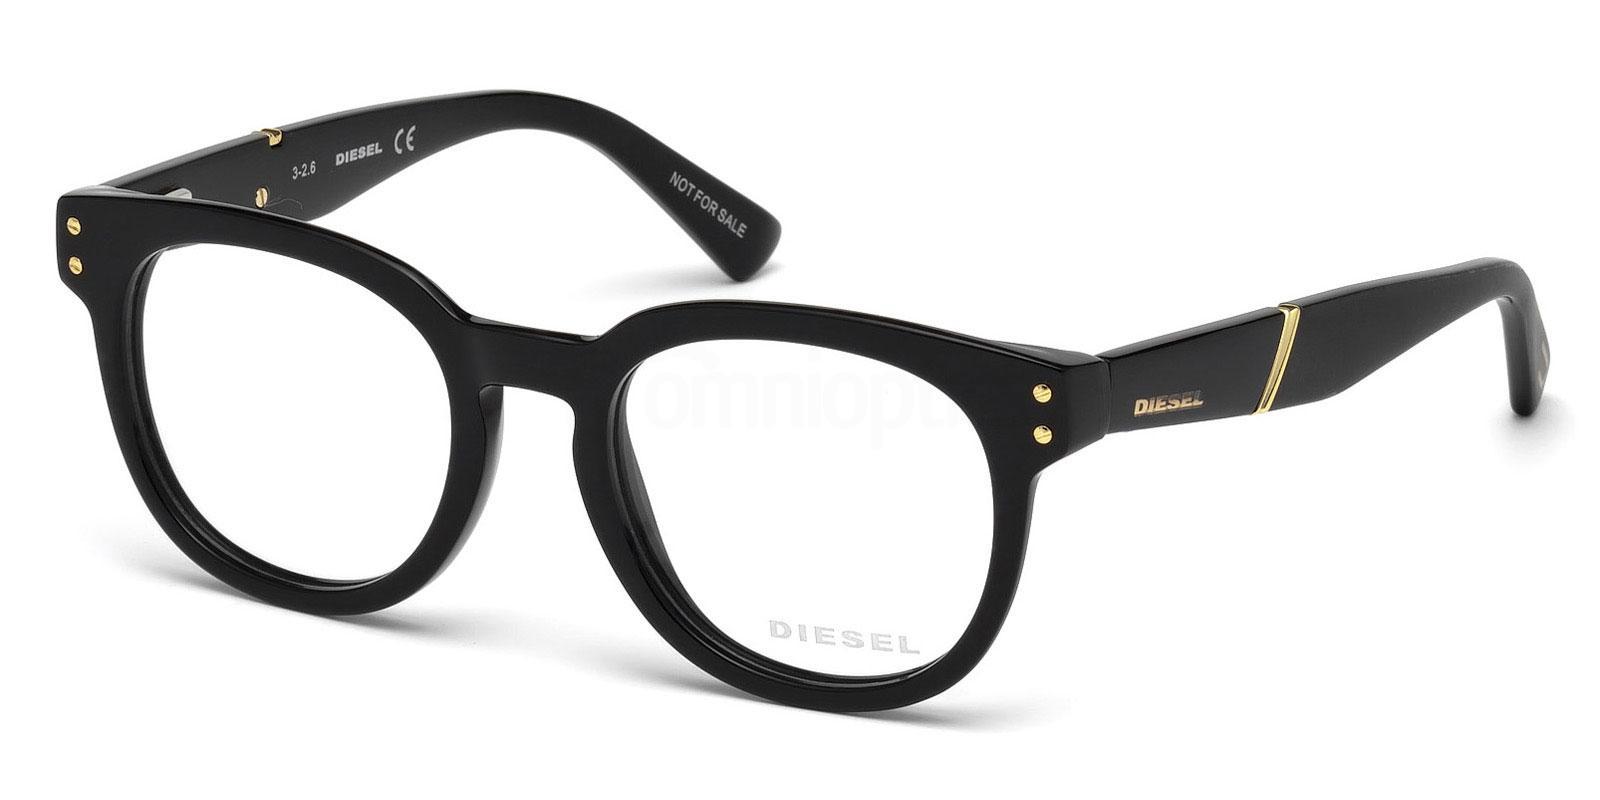 001 DL5230 Glasses, Diesel